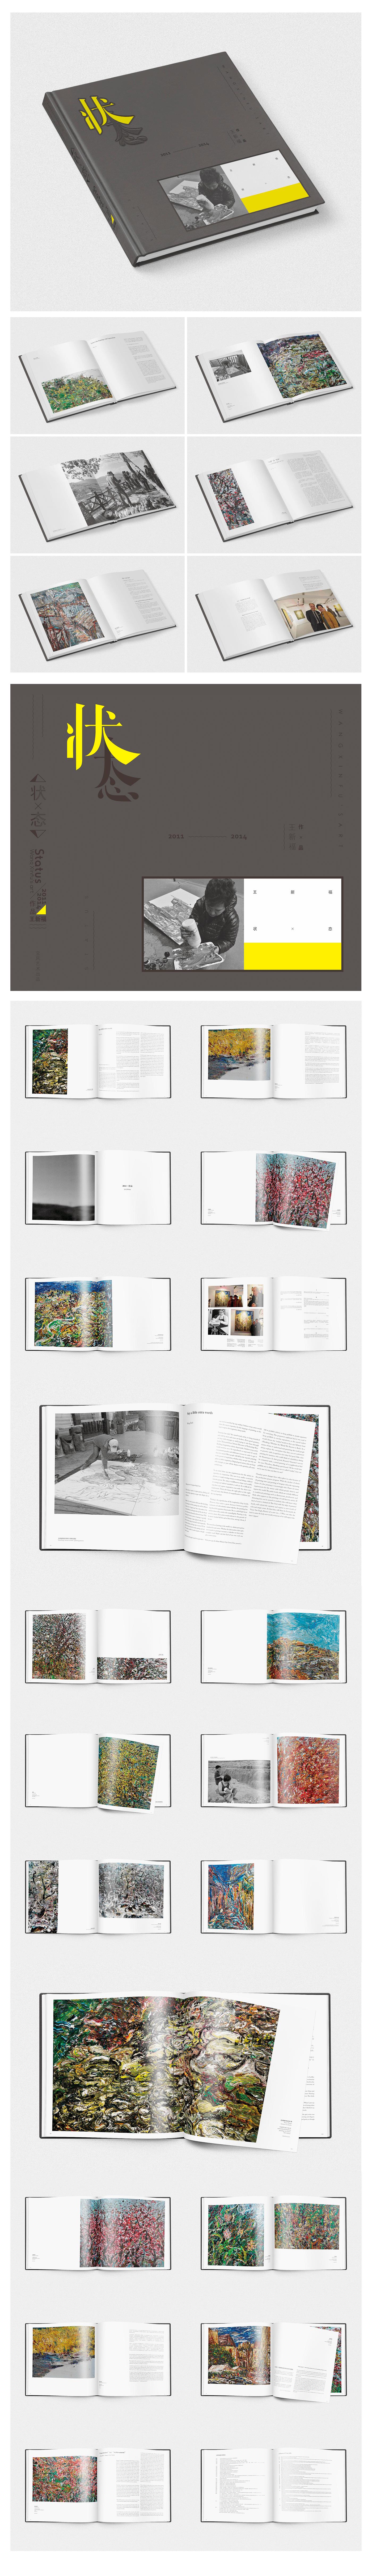 有美感的32套畫冊設計欣賞